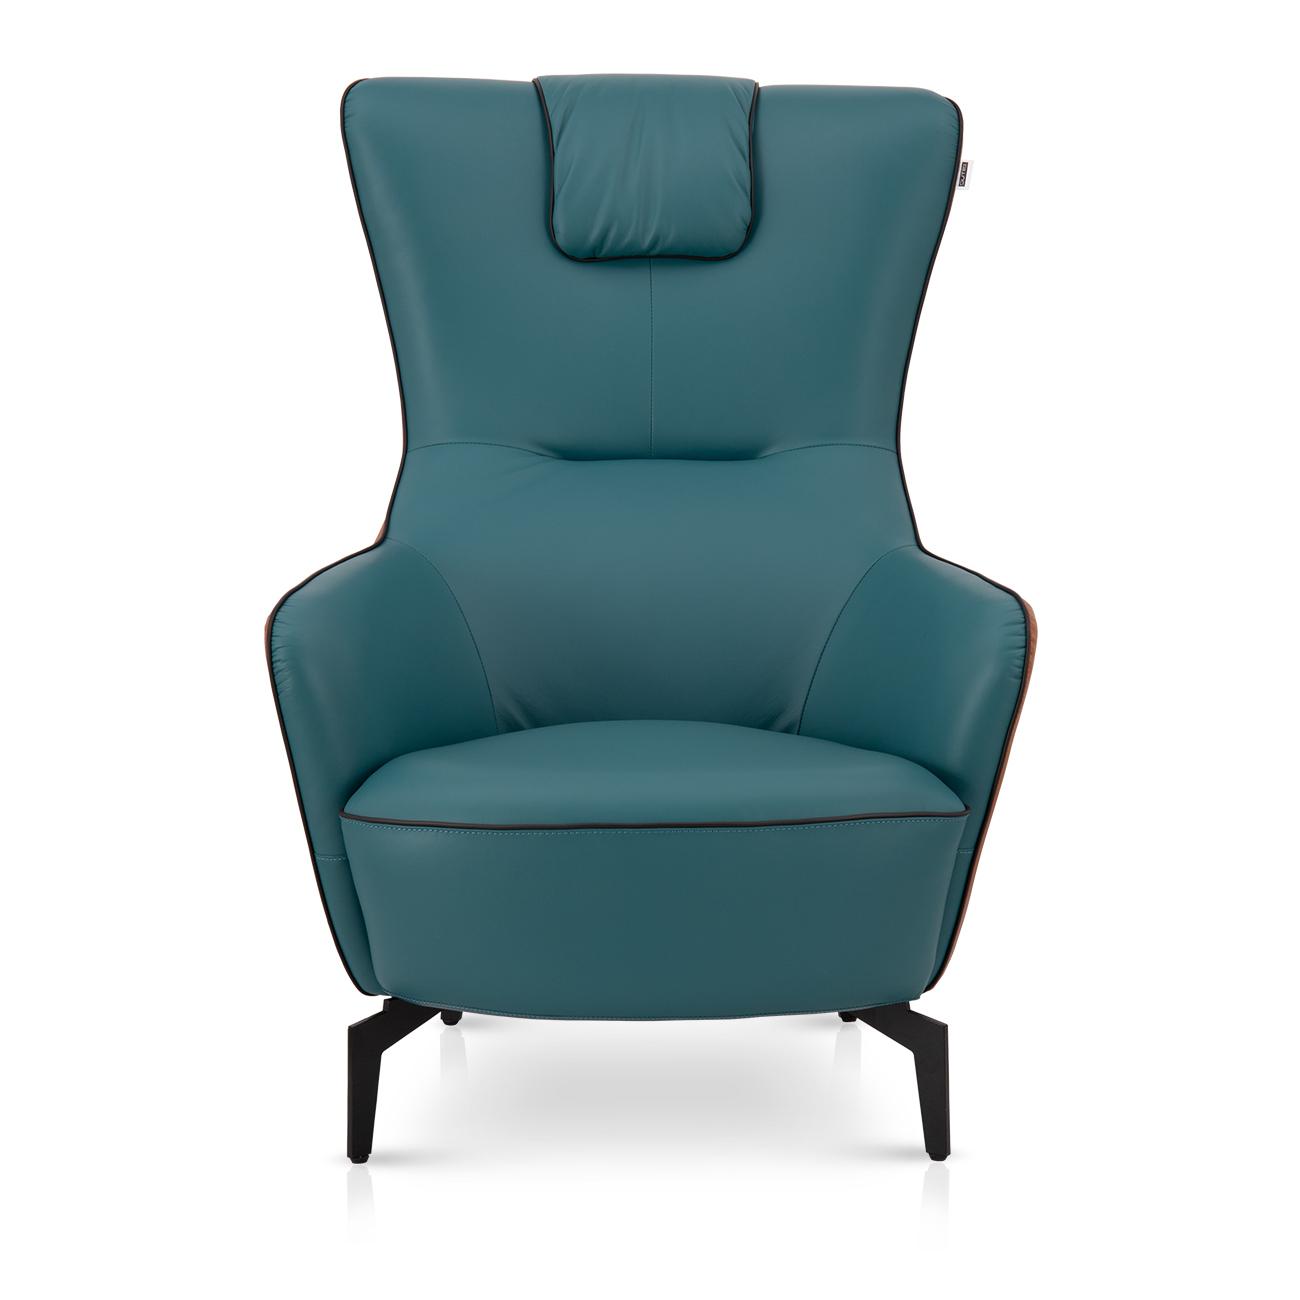 椅子   进口头层牛皮休闲椅